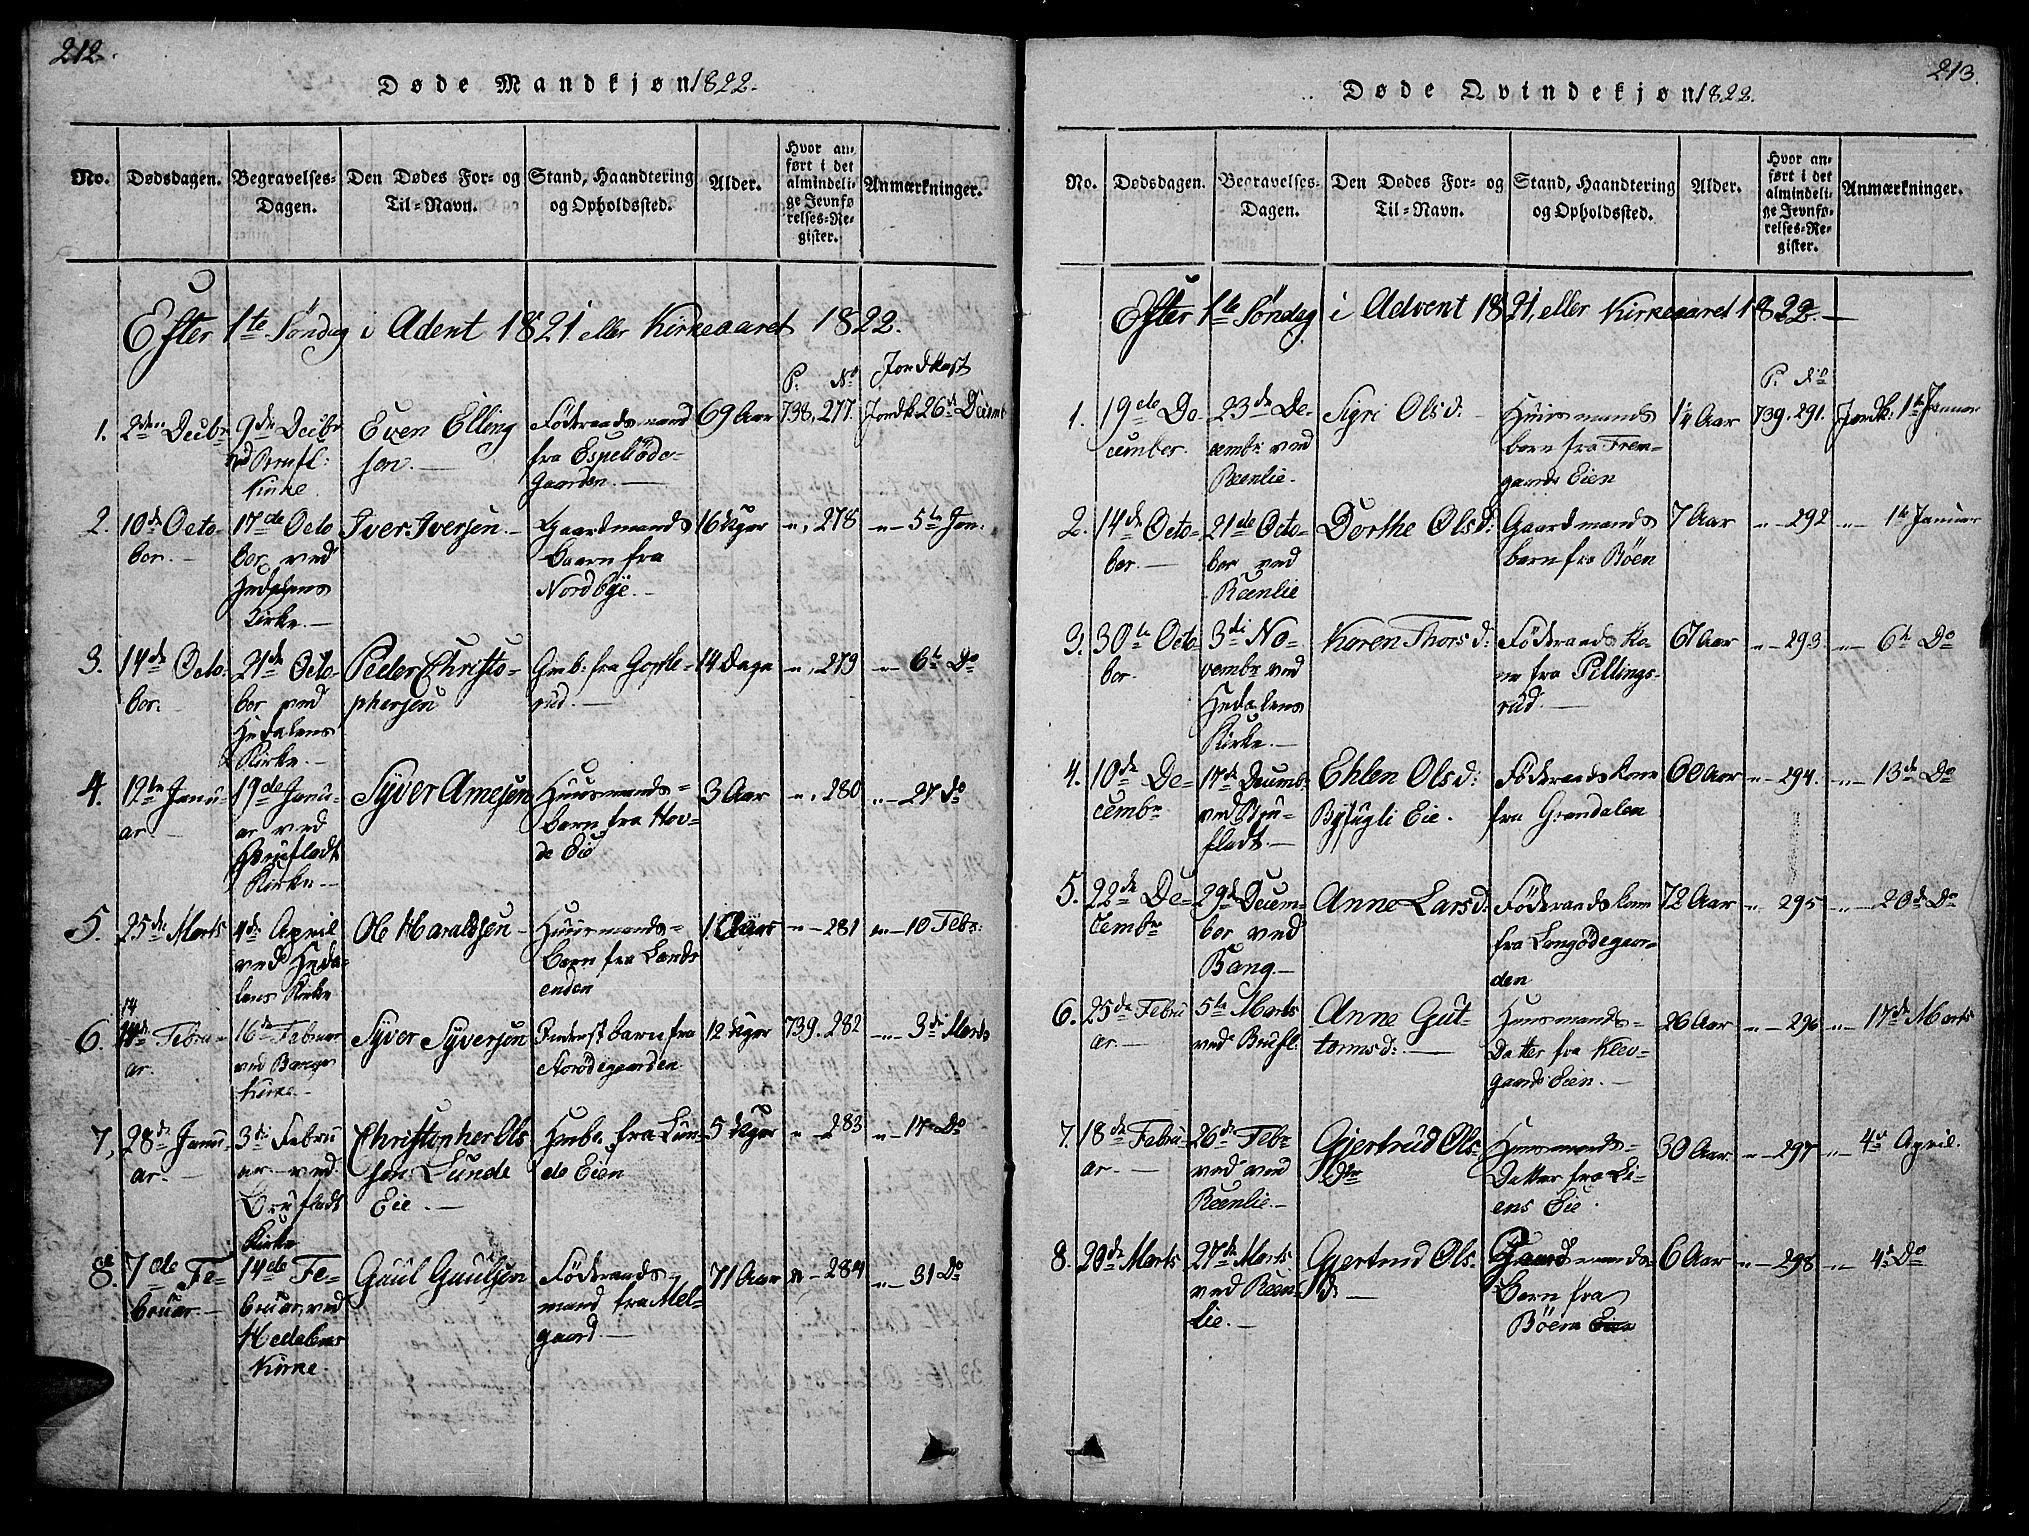 SAH, Sør-Aurdal prestekontor, Klokkerbok nr. 1, 1815-1826, s. 212-213